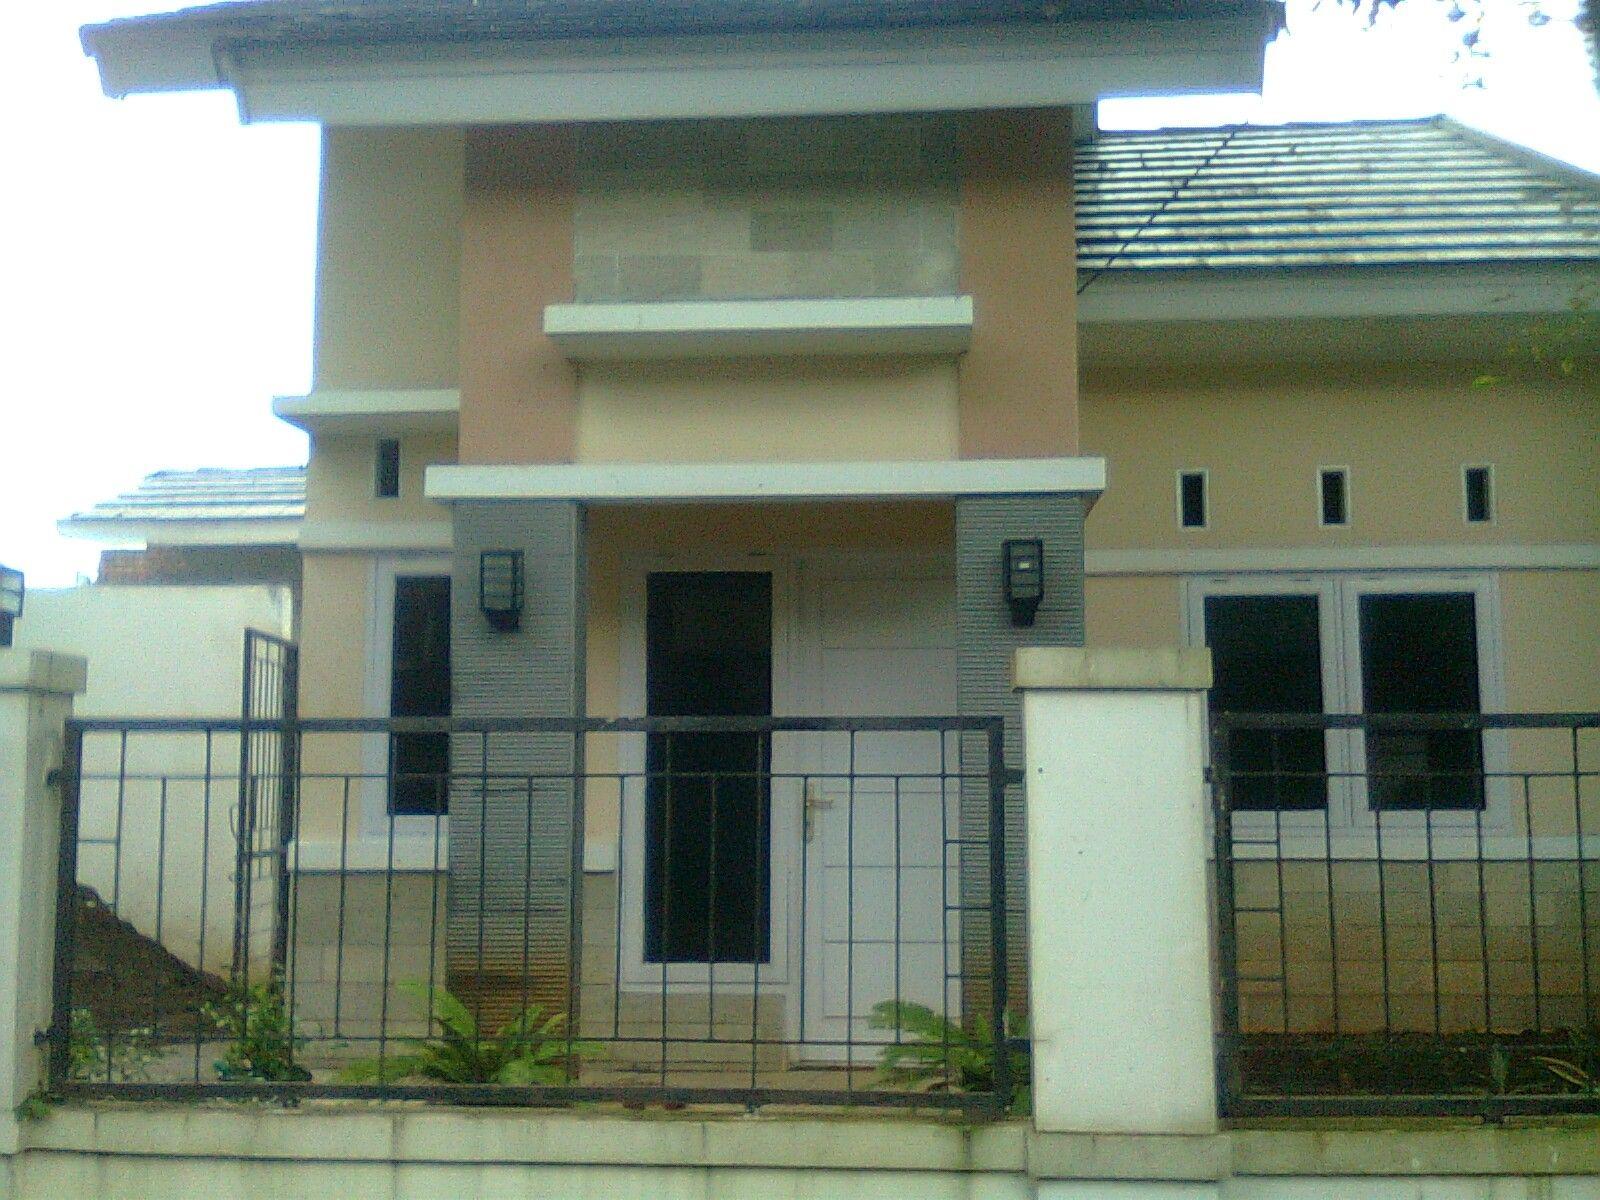 gambar rumah sederhana kelihatan mewah minimalis